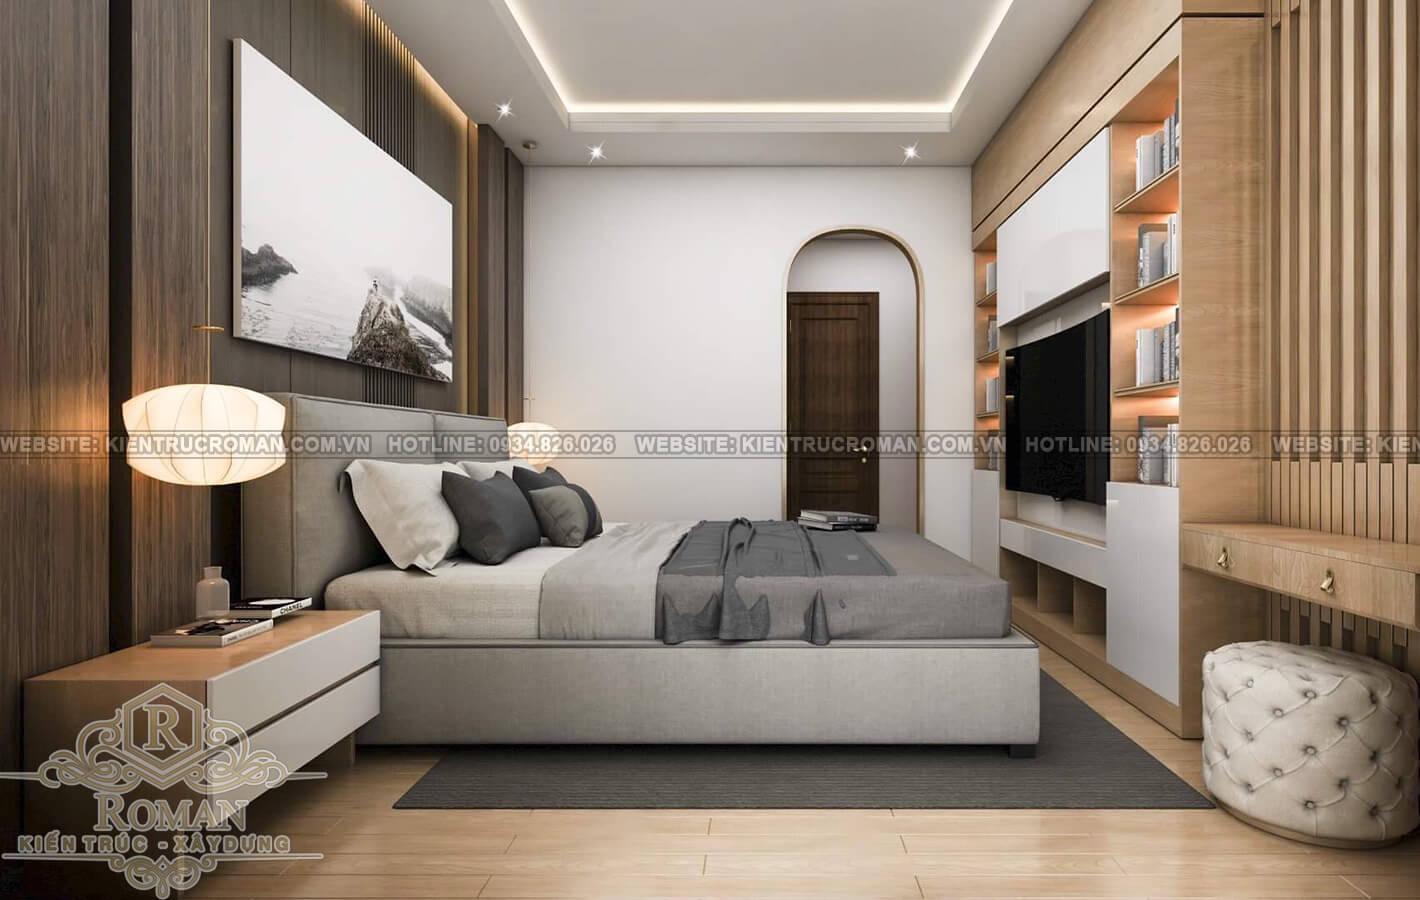 hoàn thiện nội thất nhà phố thiết kế